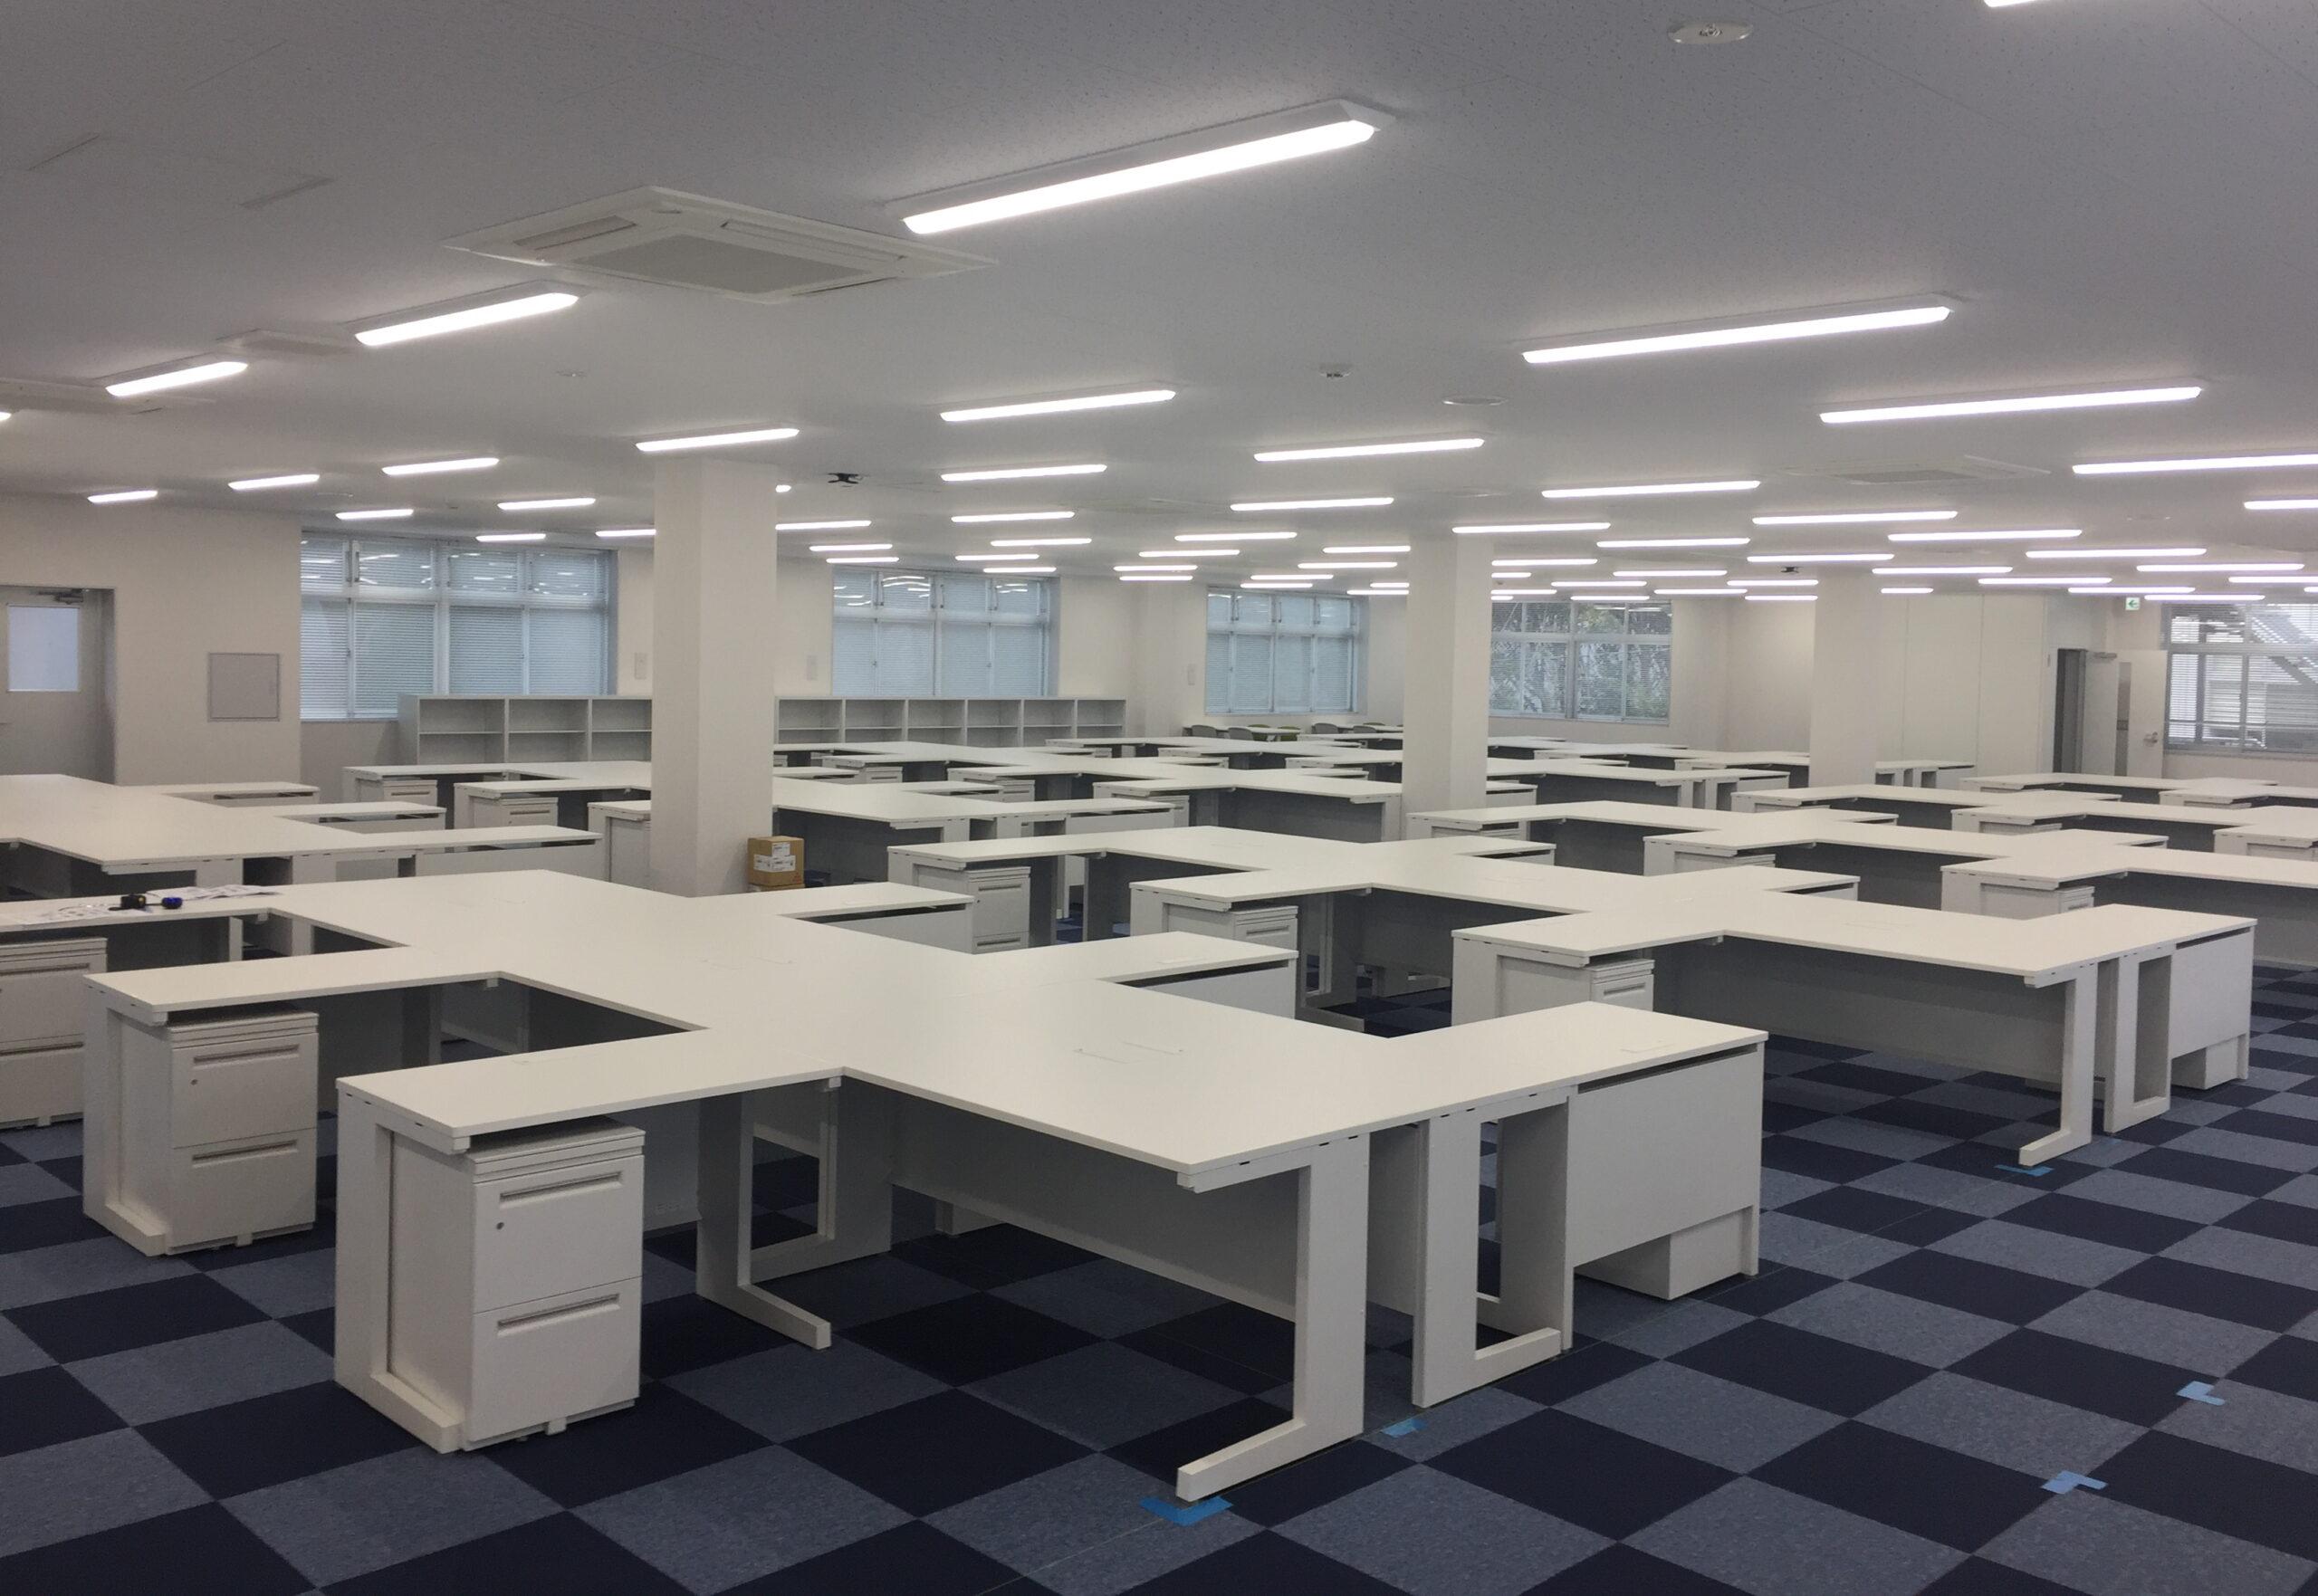 執務室・食堂・会議スペースなどに什器を納めさせていただきました。